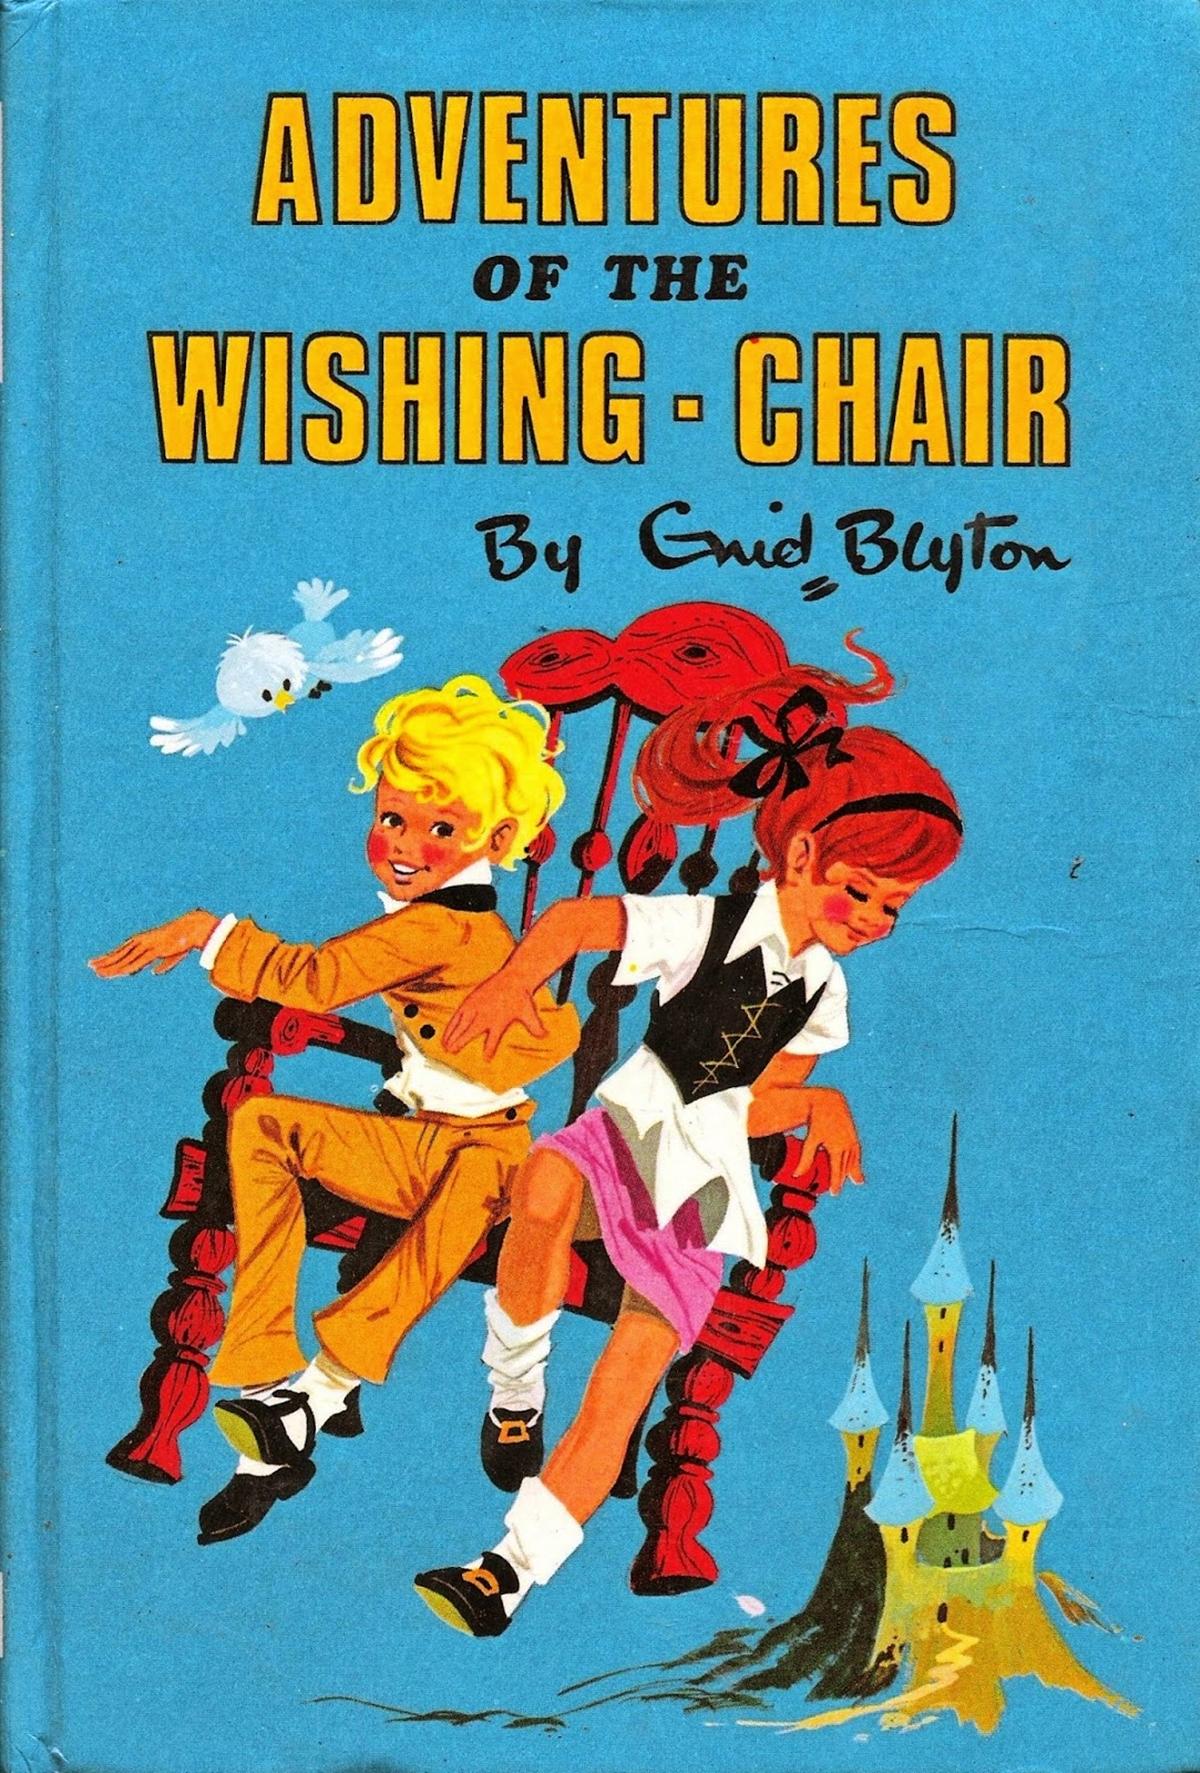 3 15 12 Enid Blyton Books We Loved Reading As Children